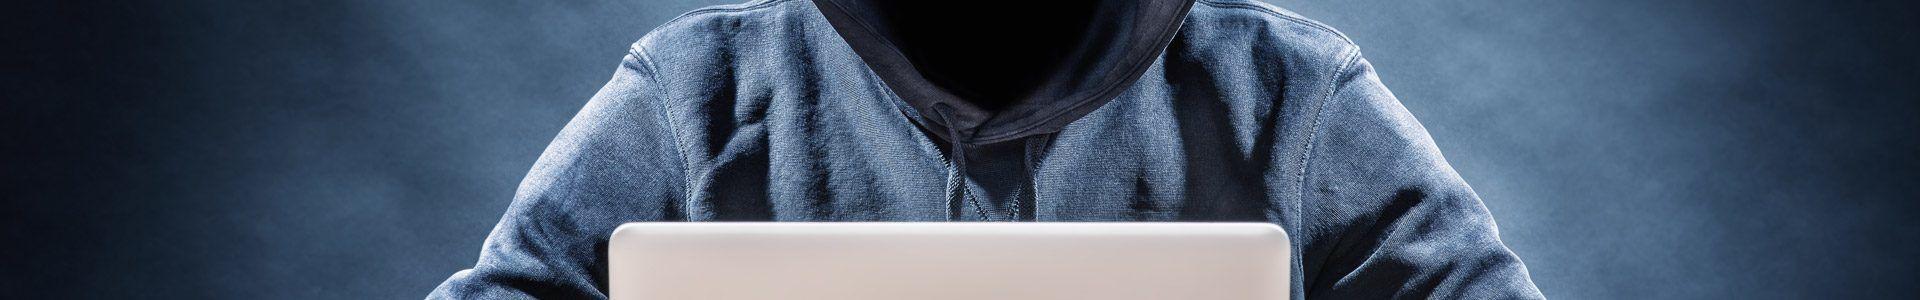 7 hacks om de zoekmachinemarketing inzet van je concurrenten te zien